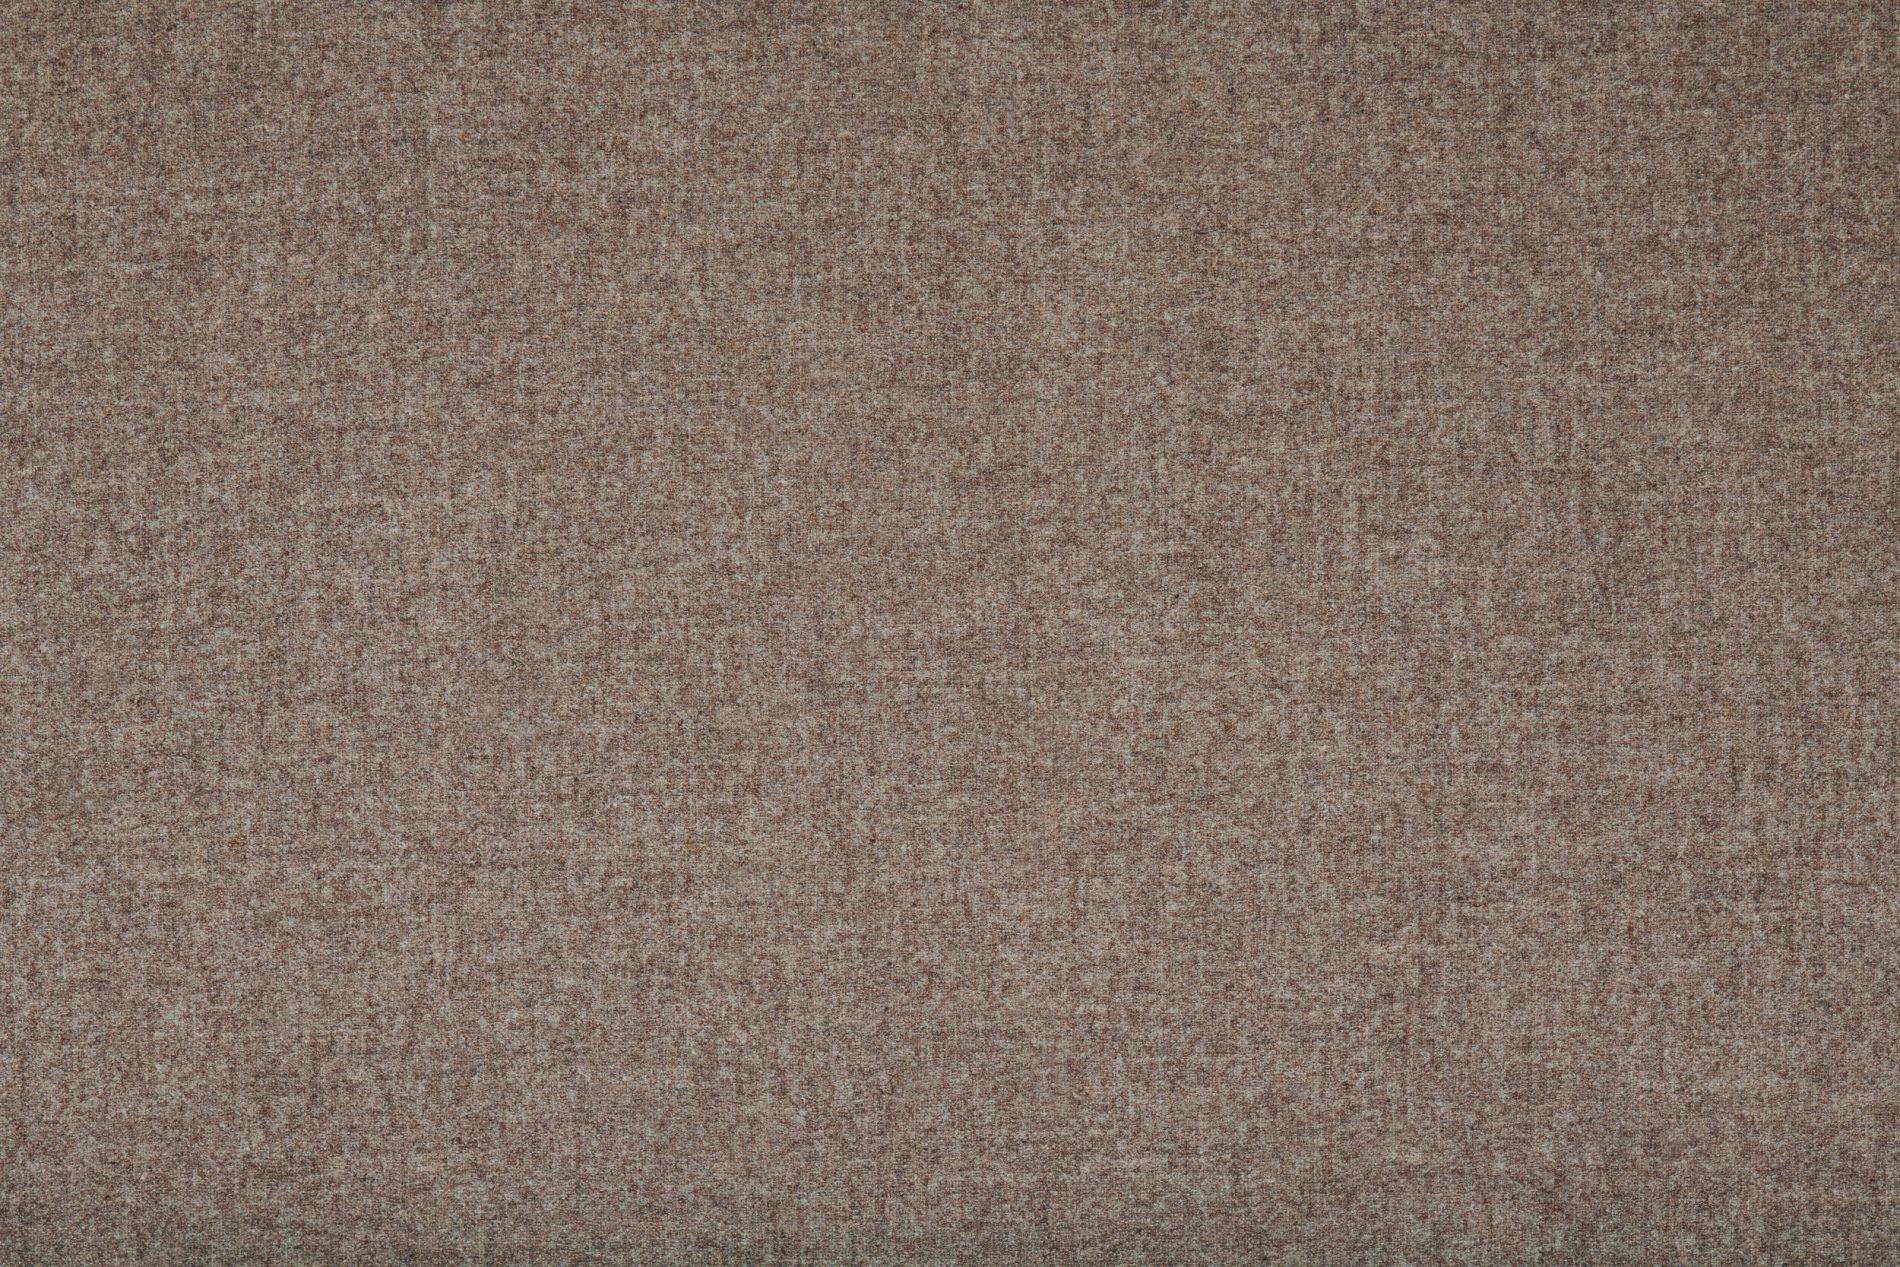 PURE 360 Plain Merino wool (19/5025)